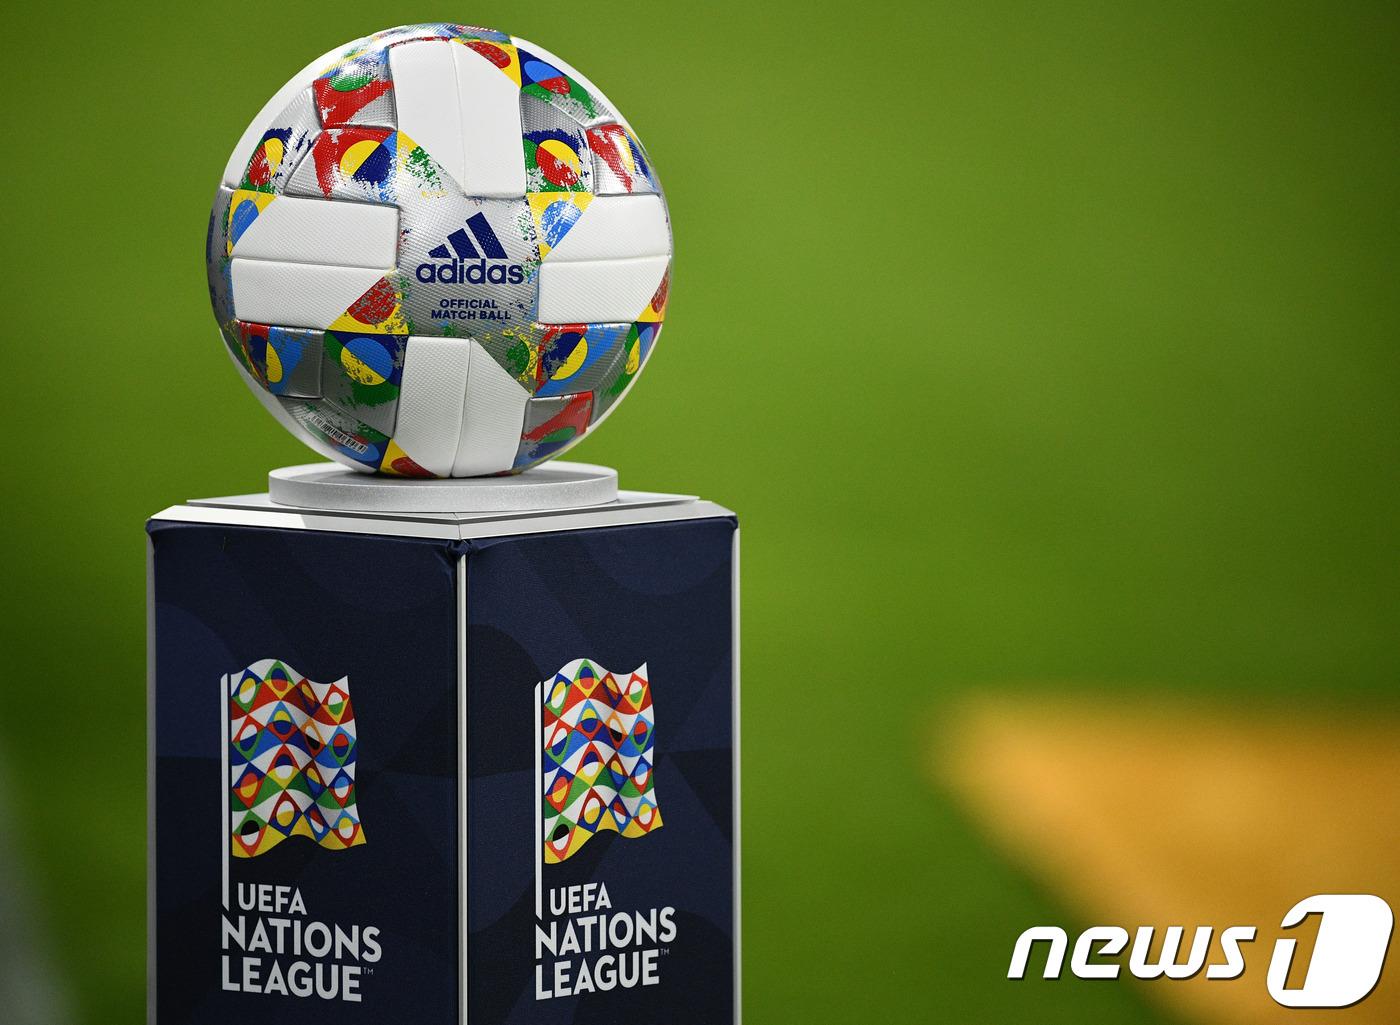 막 오른 UEFA 네이션스리그란…승강제 도입된 유럽 국가 대항전